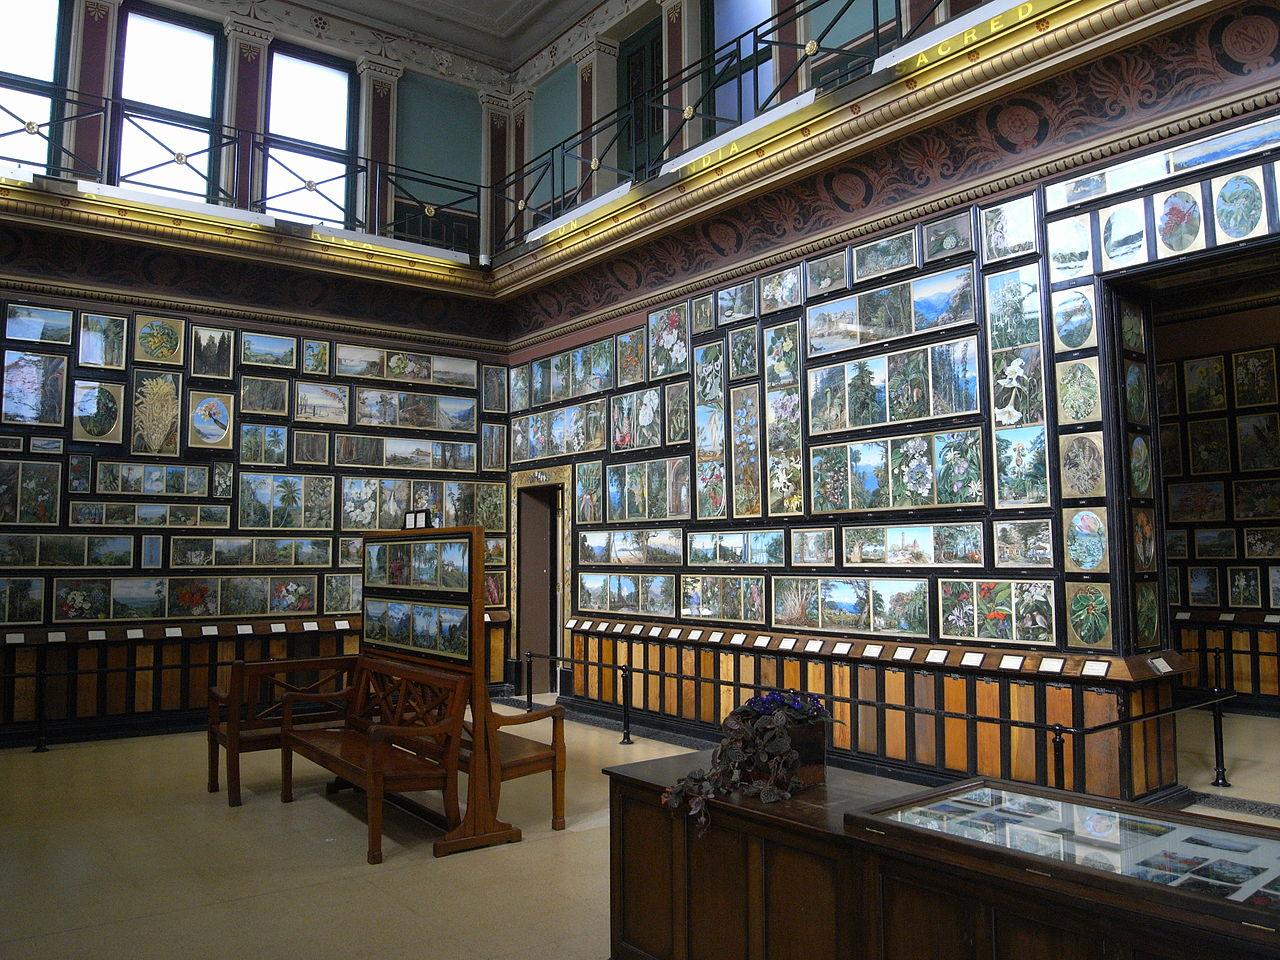 Fitxer:Marianne North Gallery 821.JPG - Viquipèdia, l'enciclopèdia lliure